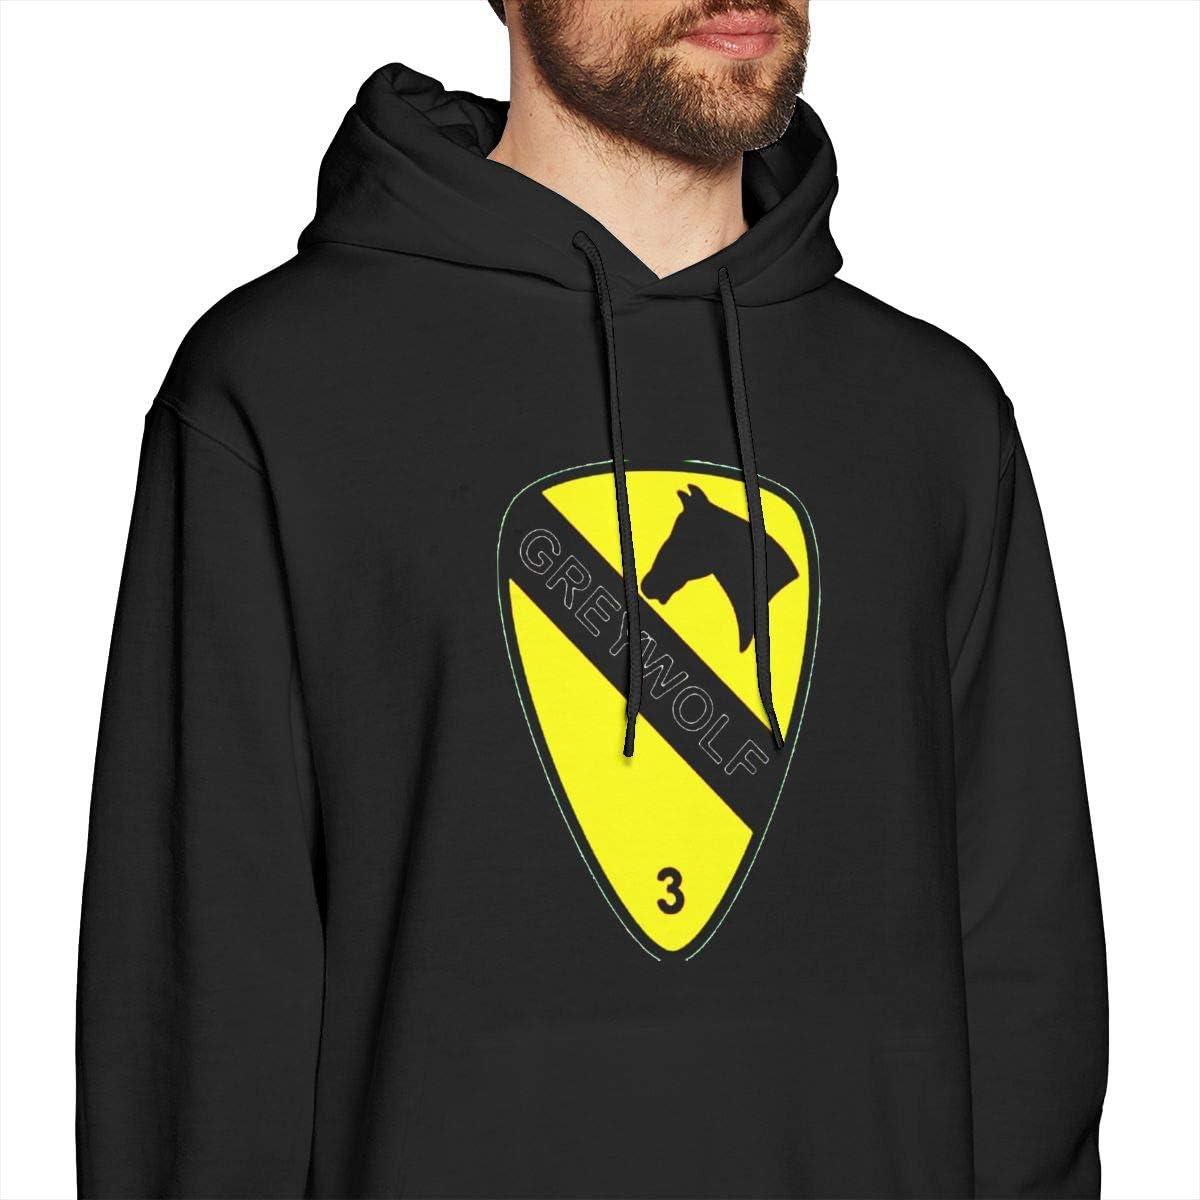 3rd Brigade 1st Cav Div Greywolf Mens Hooded Sweatshirt Theme Printed Fashion Hoodie